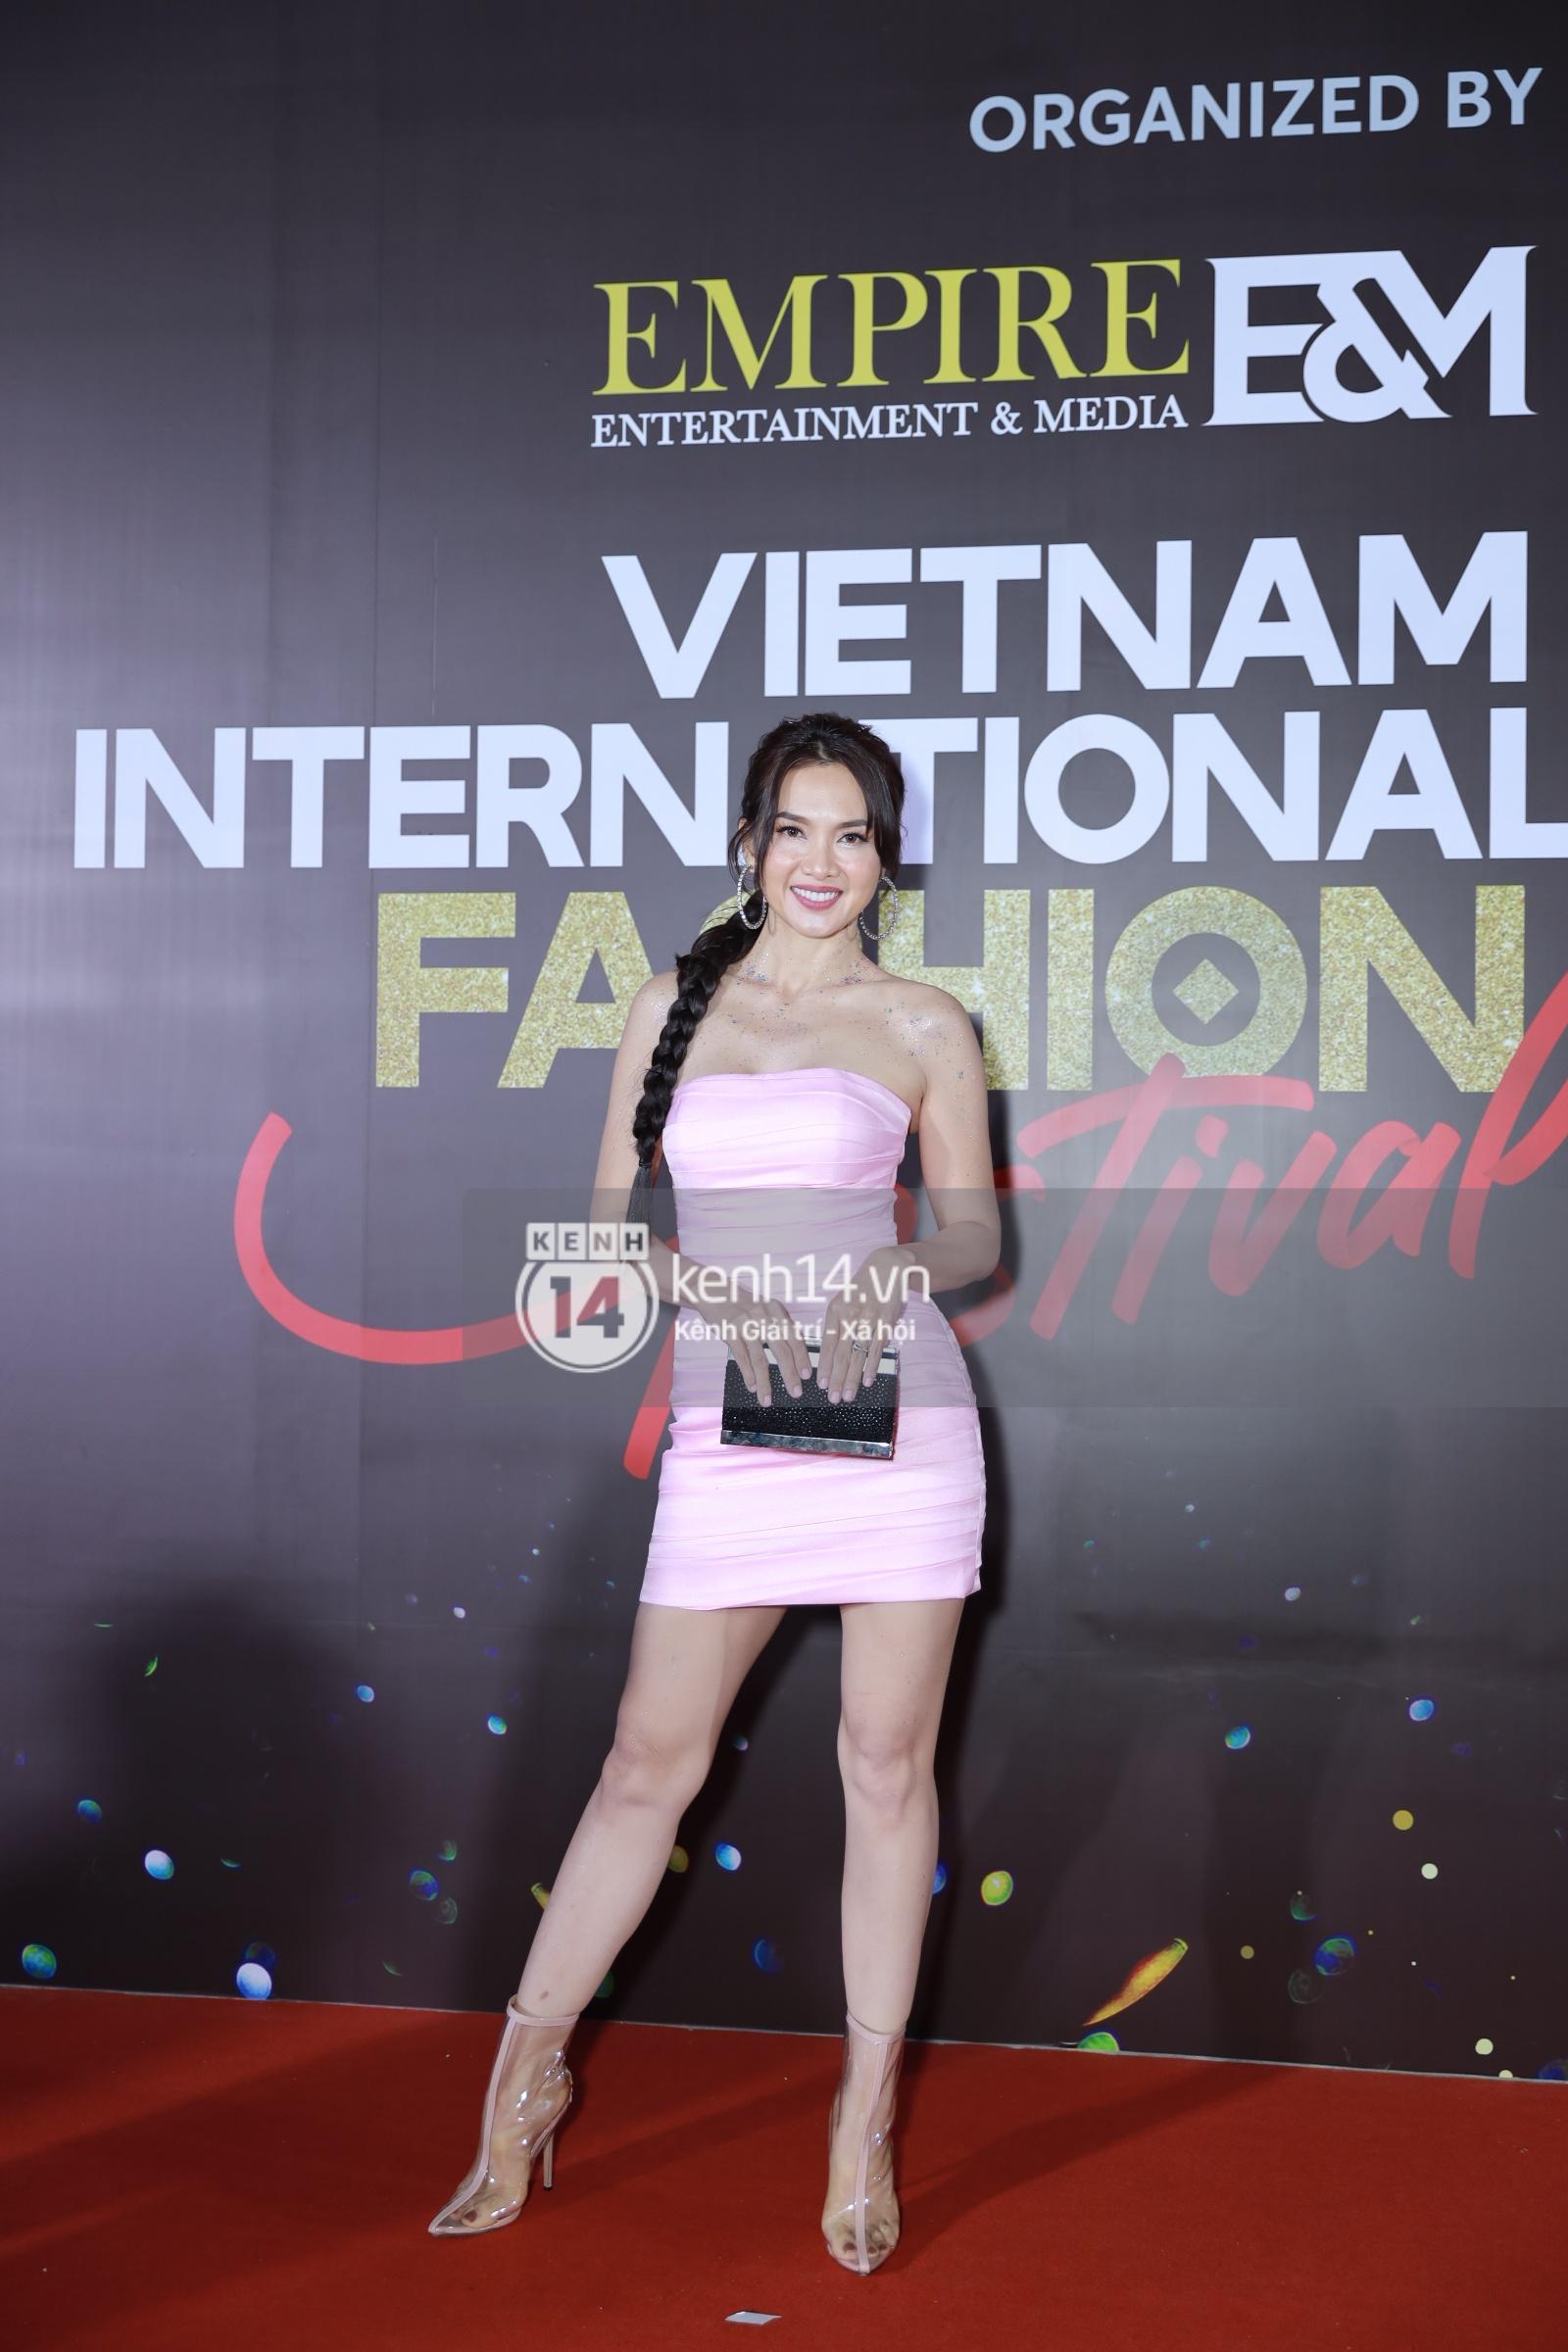 Thảm đỏ VIFF ngày 2: Lãnh Thanh - Trọng Hiếu Idol nổi bật, người mẫu Anh Thư gây thất vọng tràn trề vì set đồ sai sai - Ảnh 8.